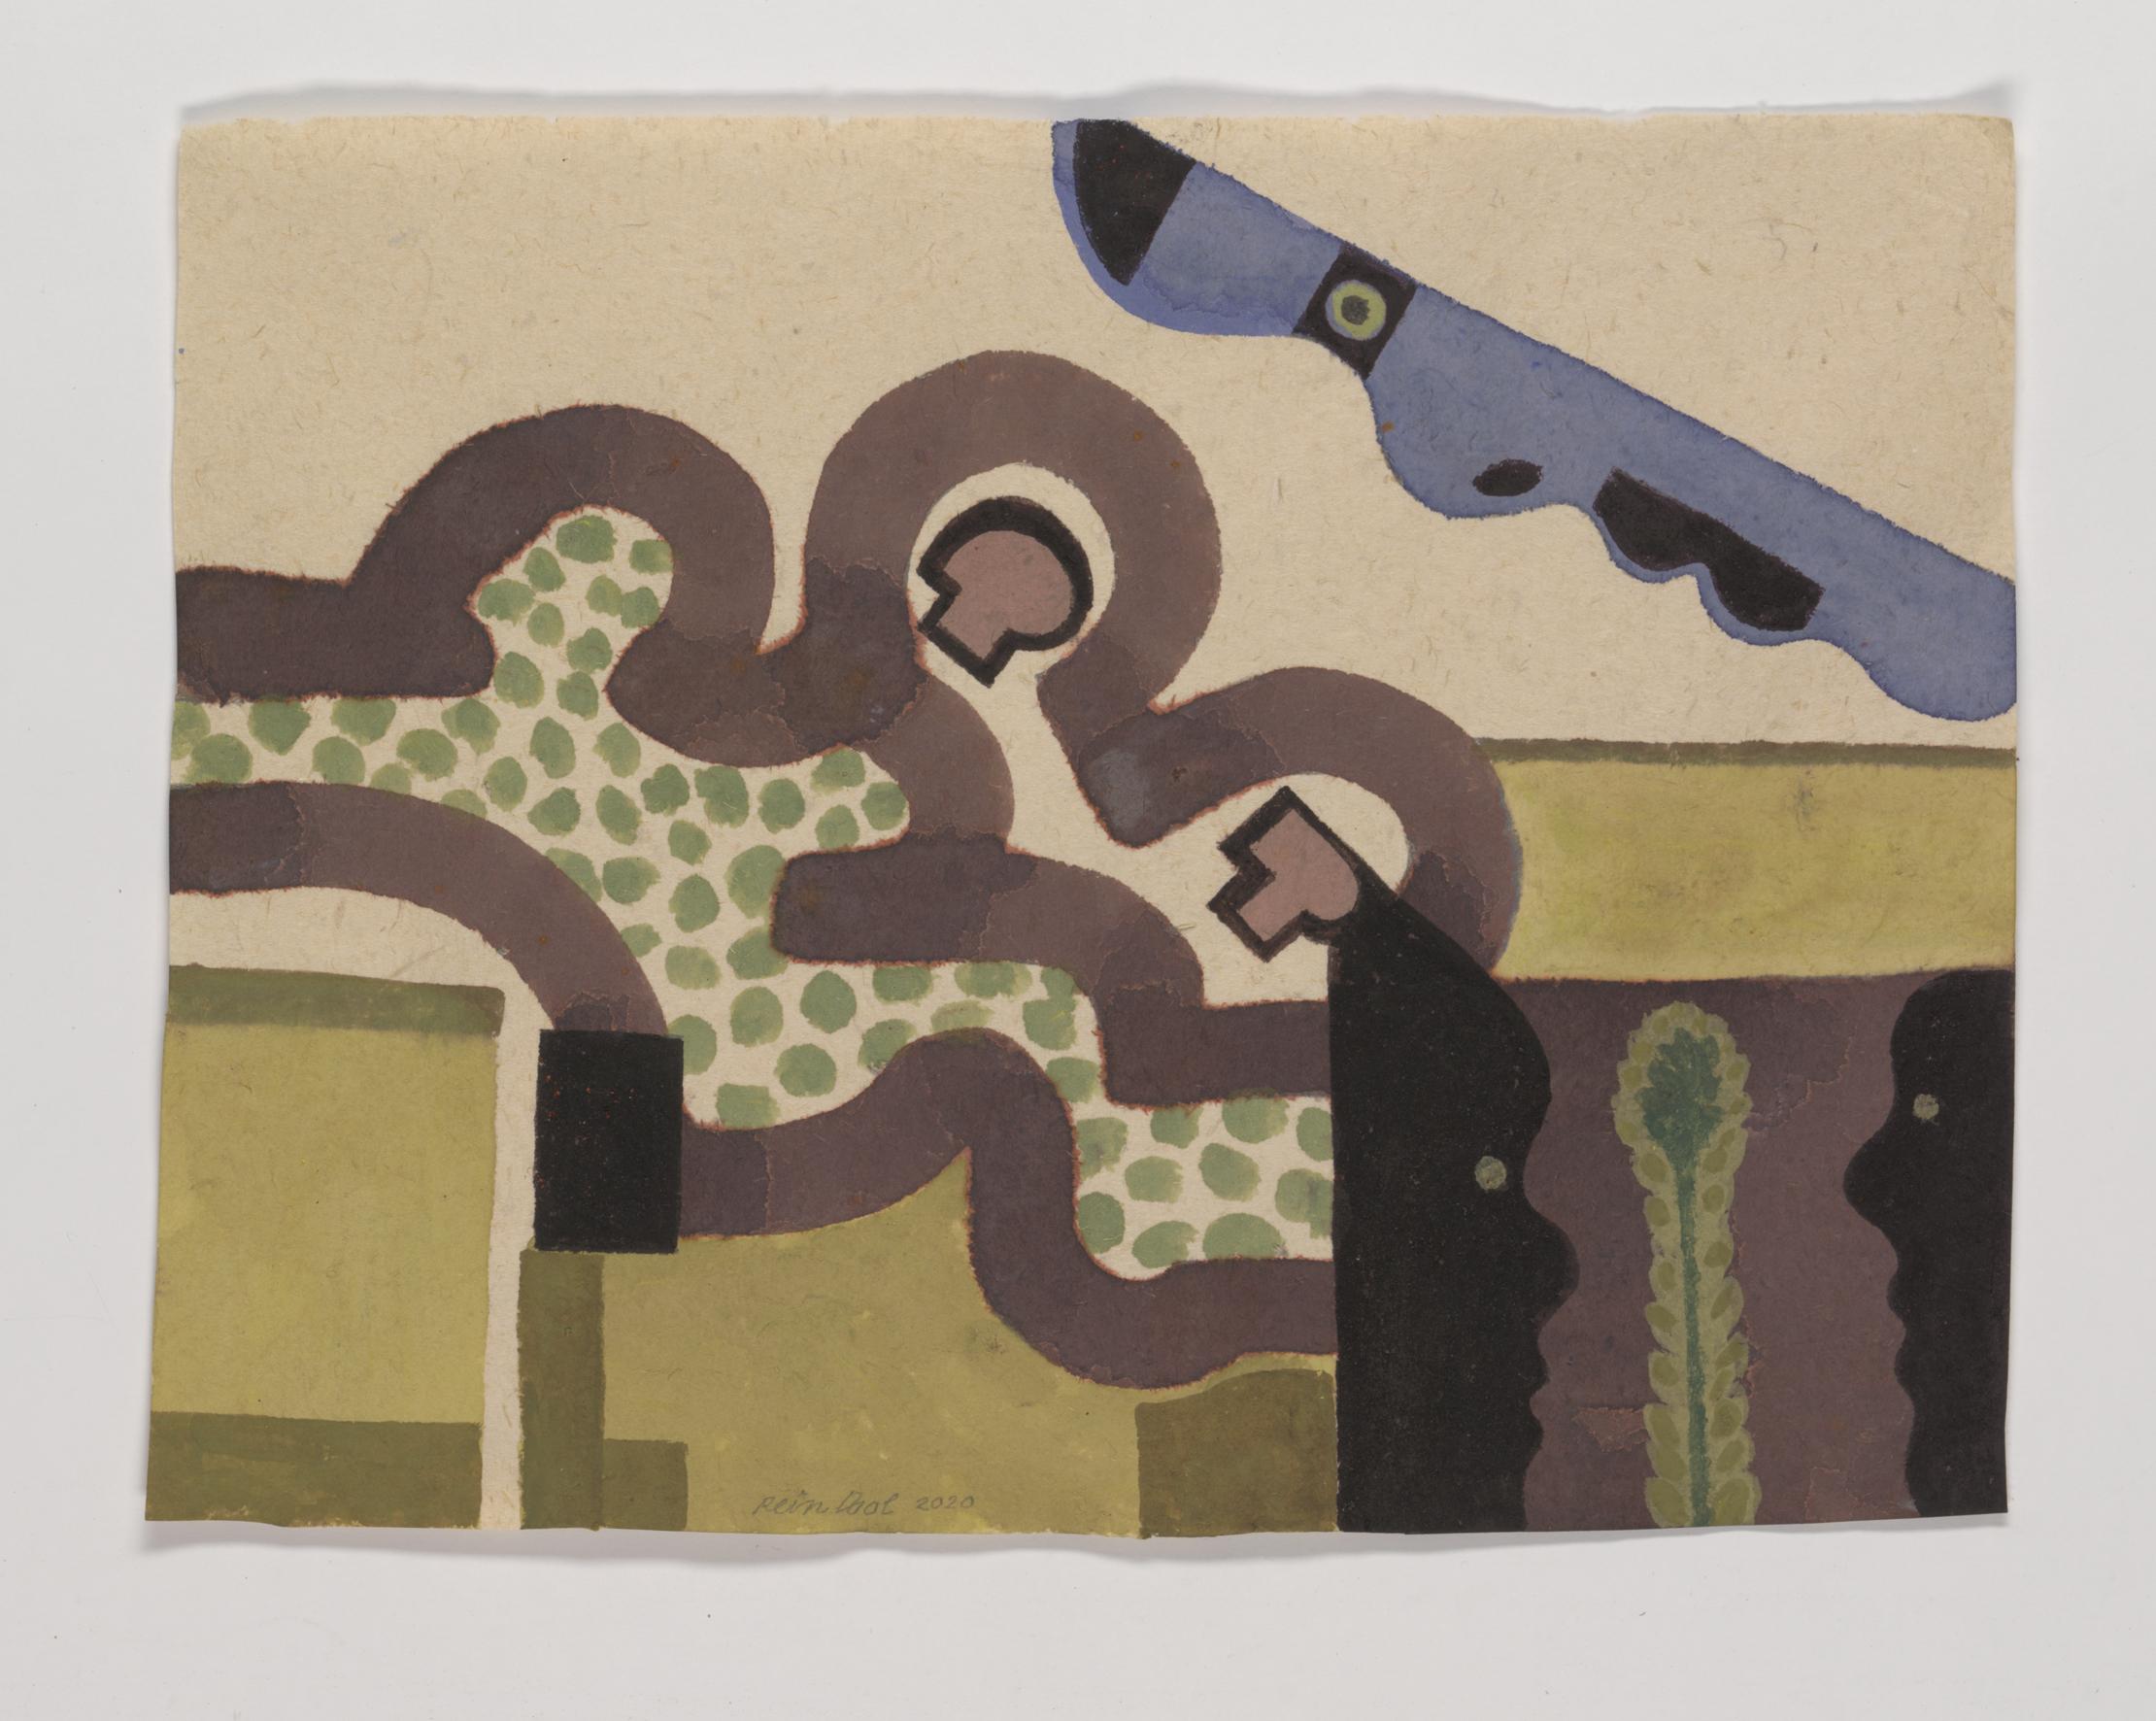 Z.T. - Rein Dool, 26x34cm, aquarel 2020